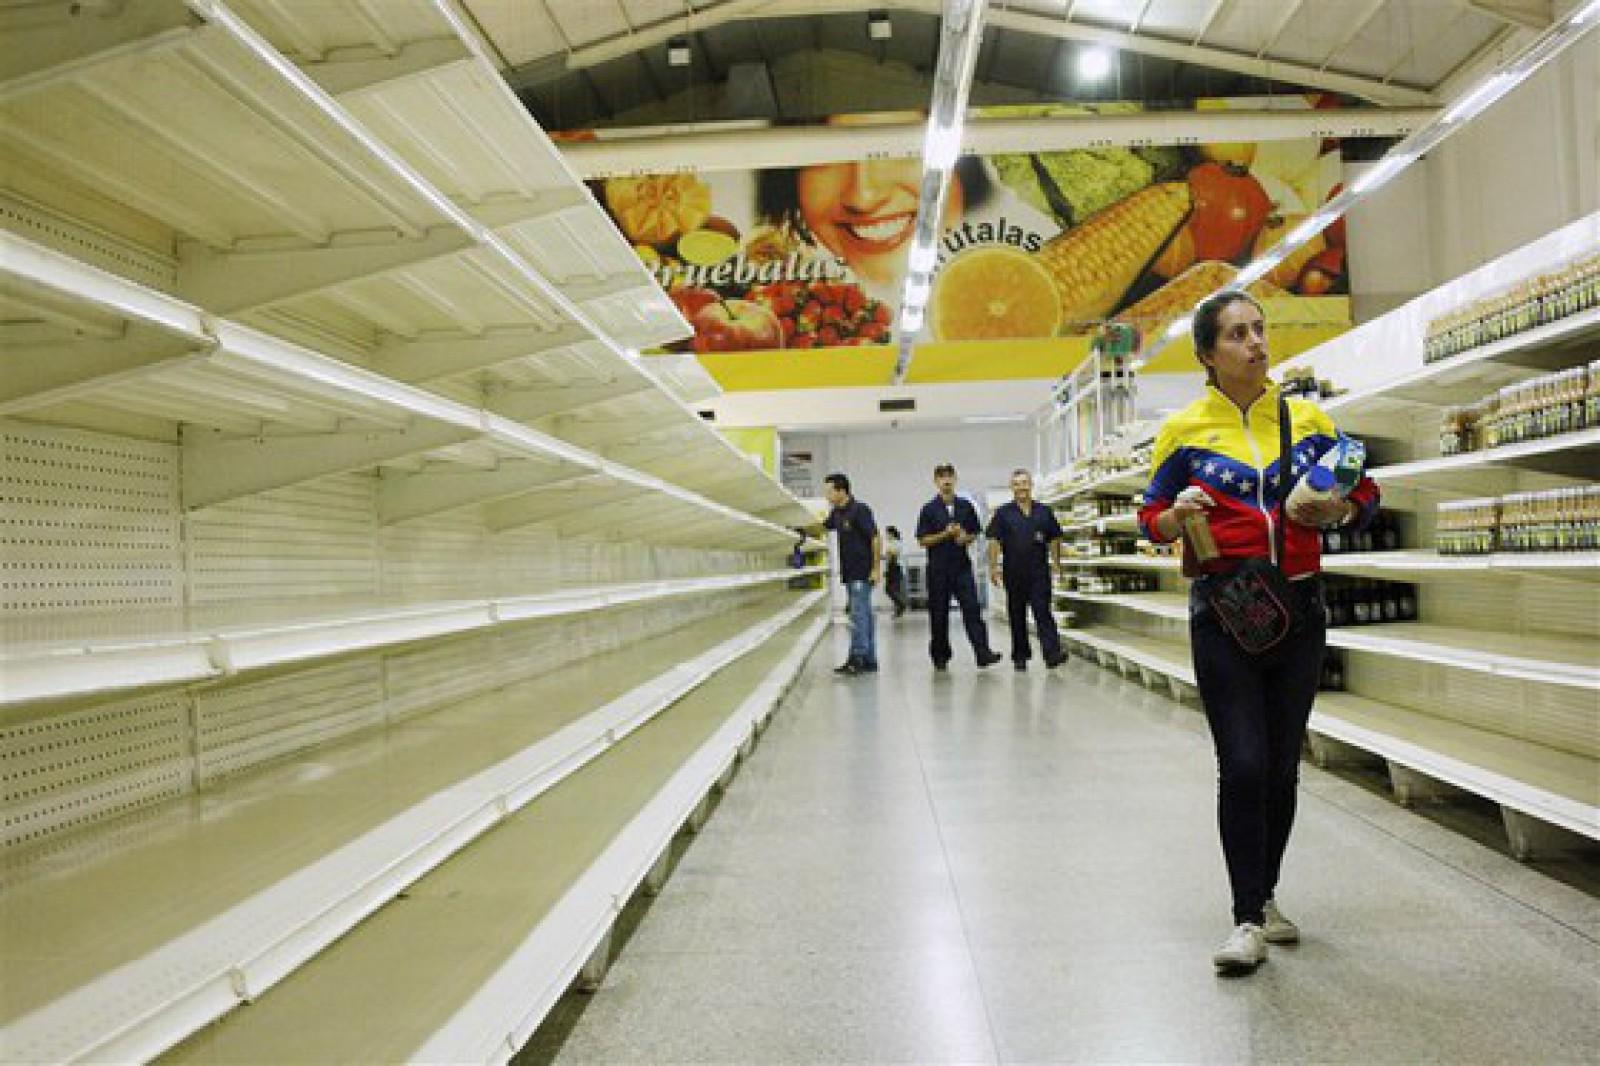 Venezuela ajunge la o nouă rată record a inflaţiei: O ceaşcă de cafea costă în momentul de faţă două milioane de bolivari